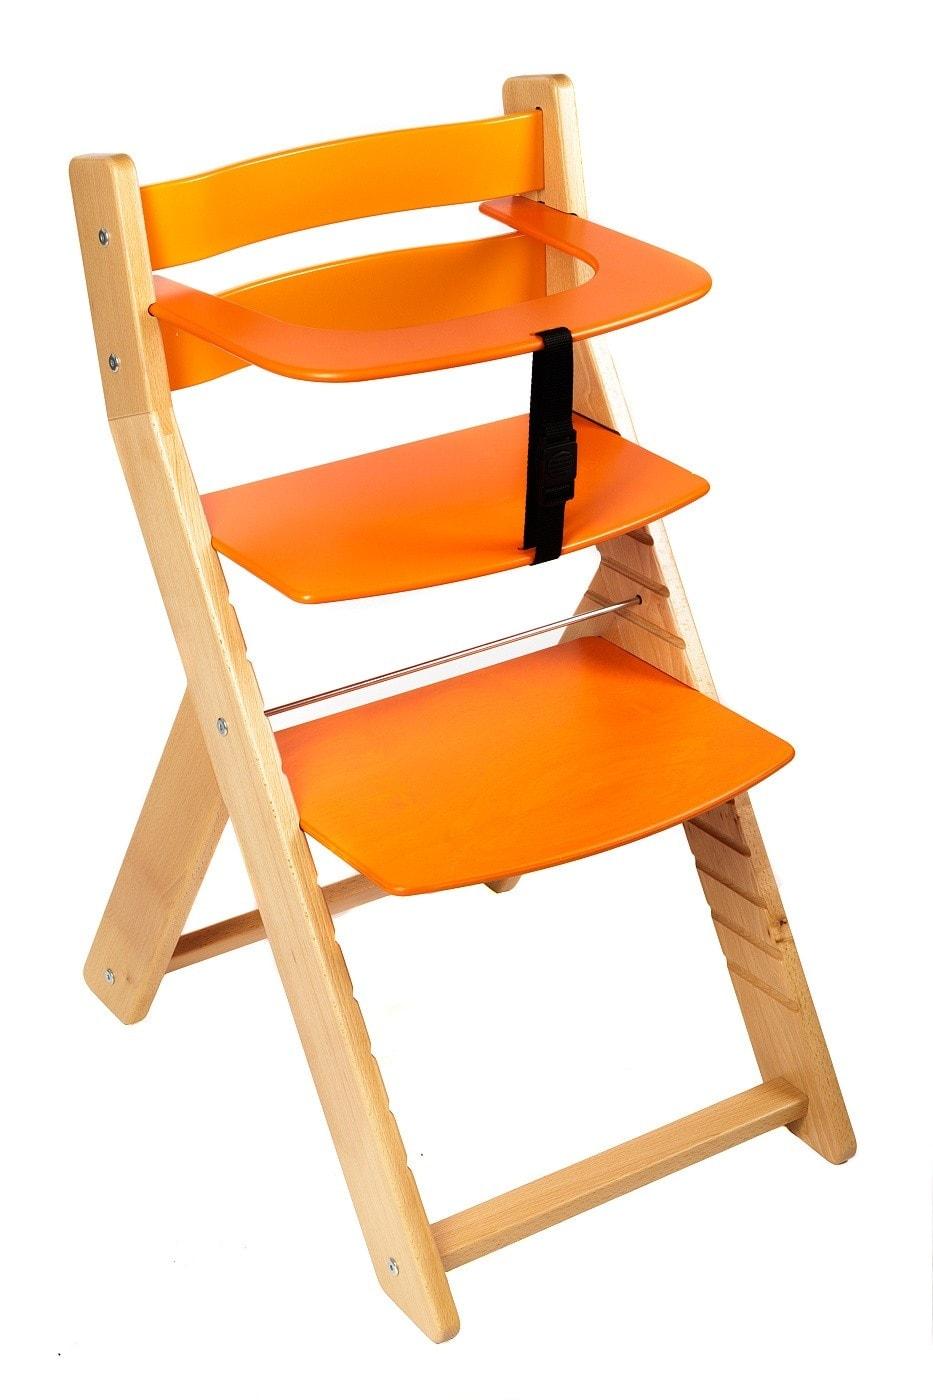 Wood Partner Rostoucí židle Unize bílá / oranžová